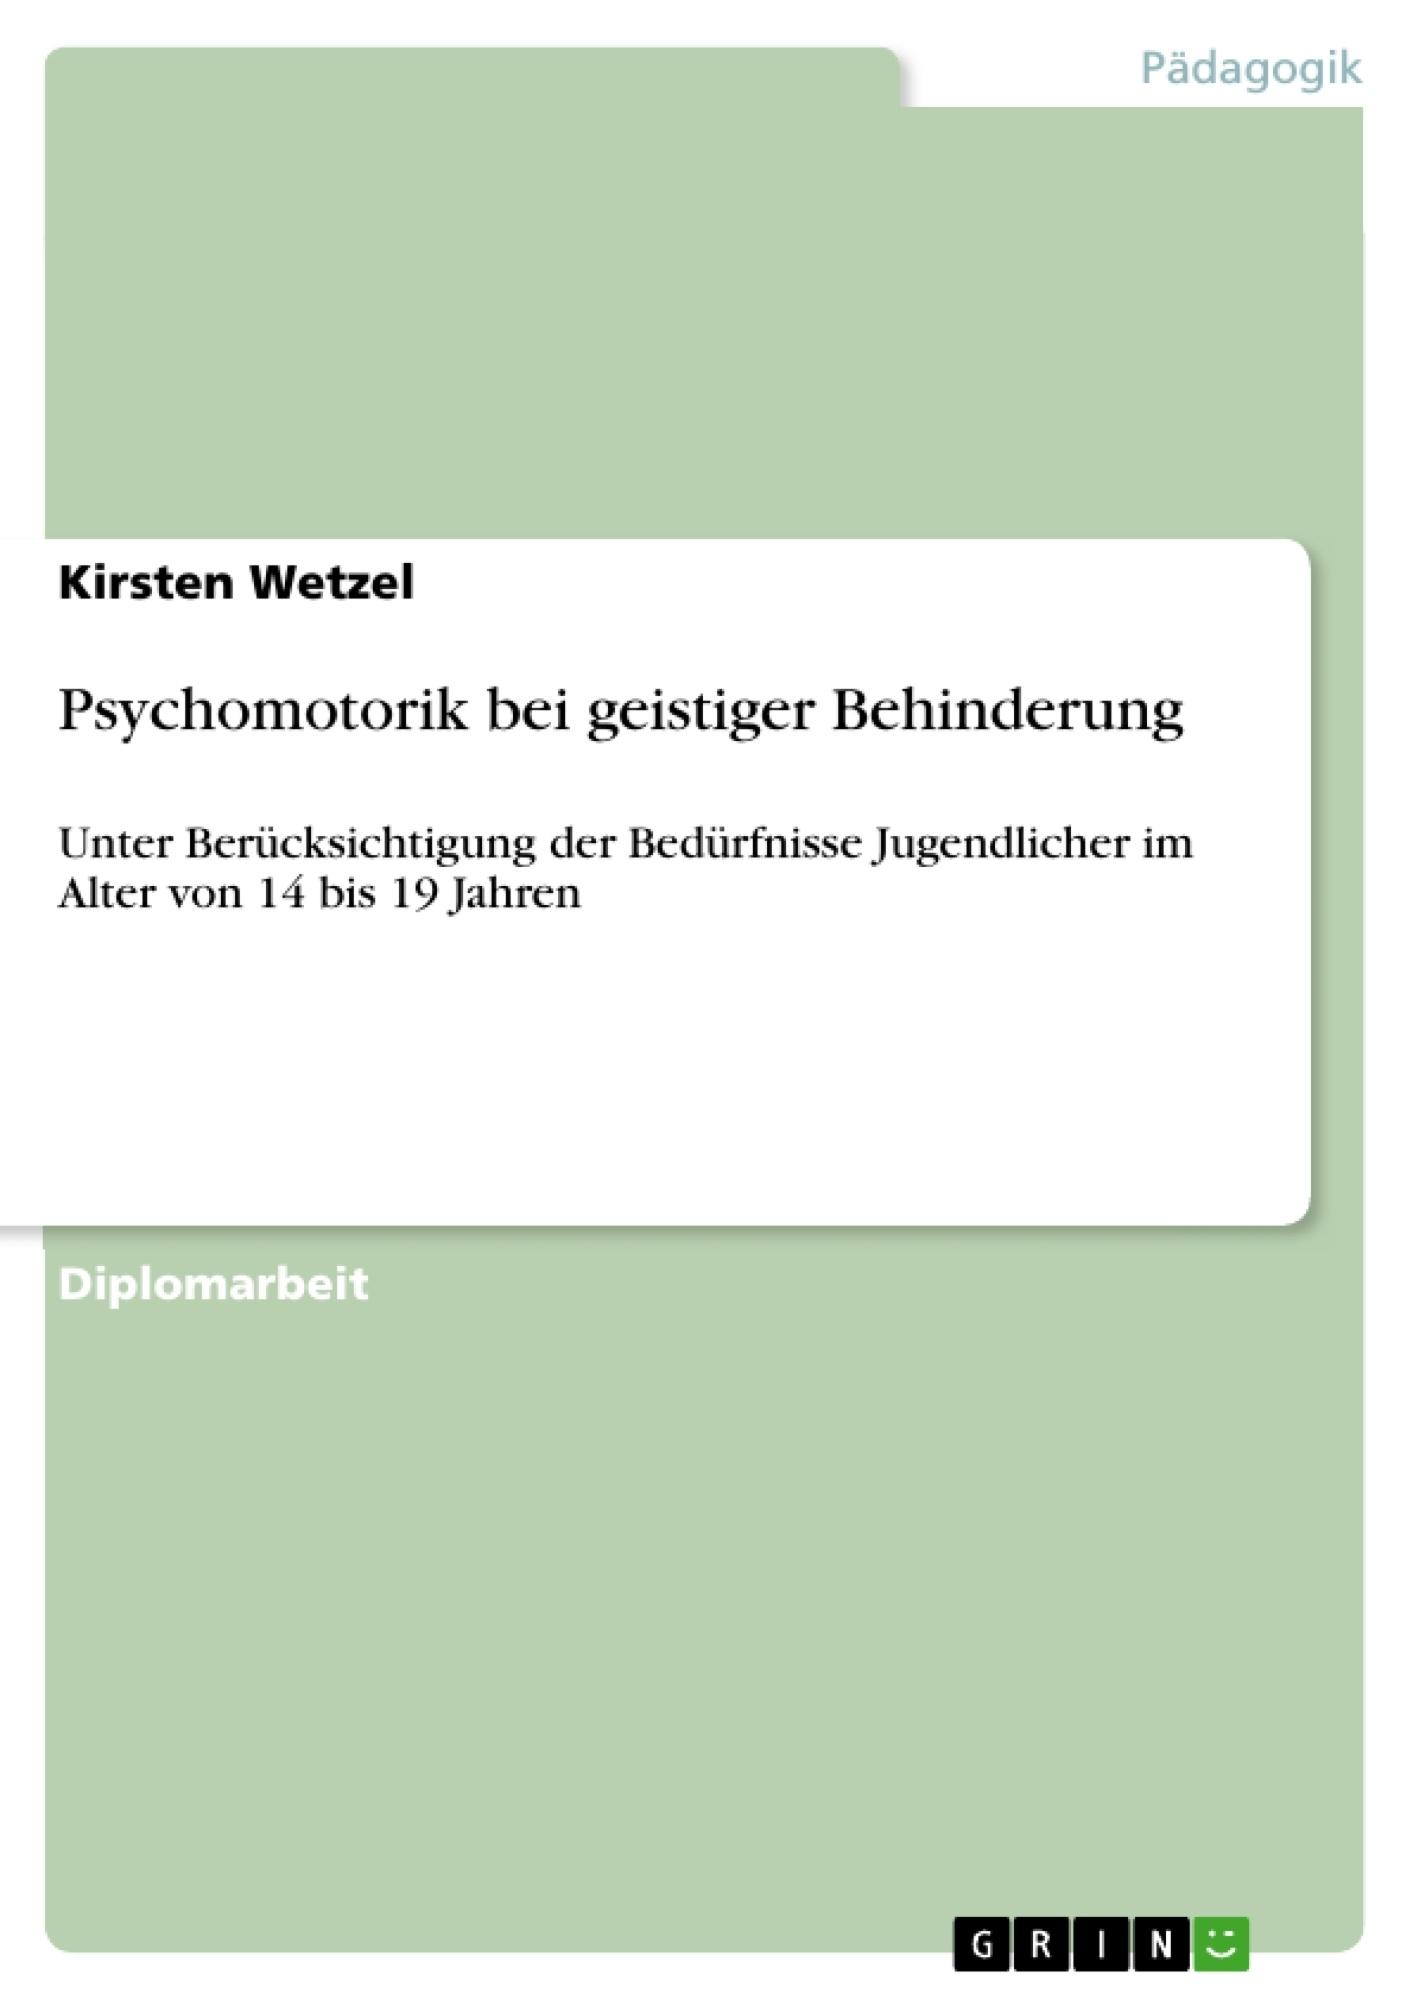 Titel: Psychomotorik bei geistiger Behinderung